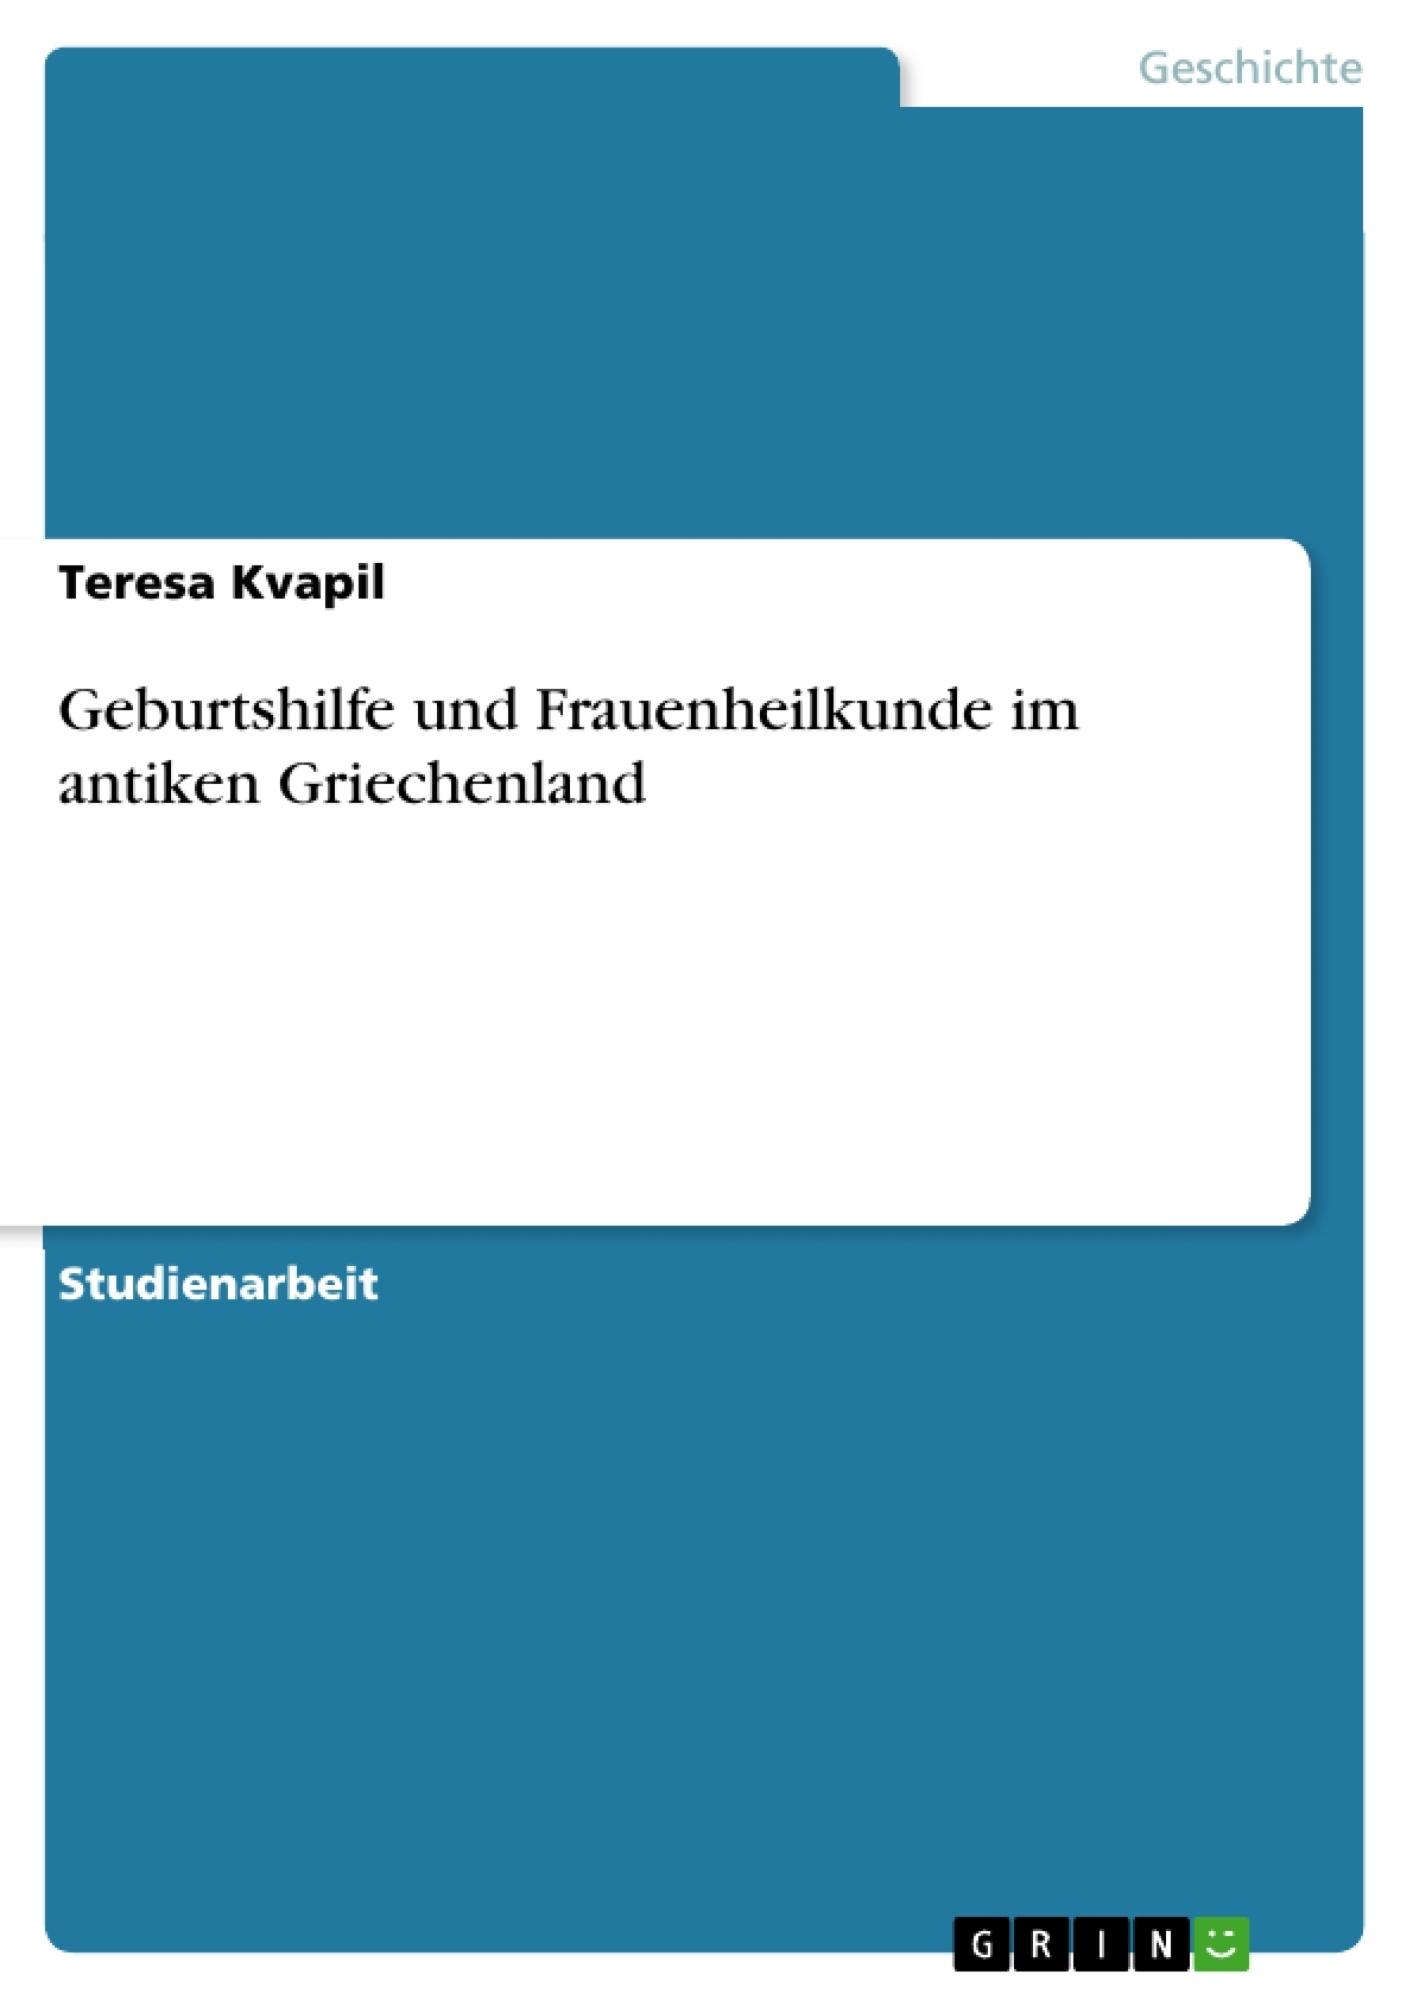 Titel: Geburtshilfe und Frauenheilkunde im antiken Griechenland